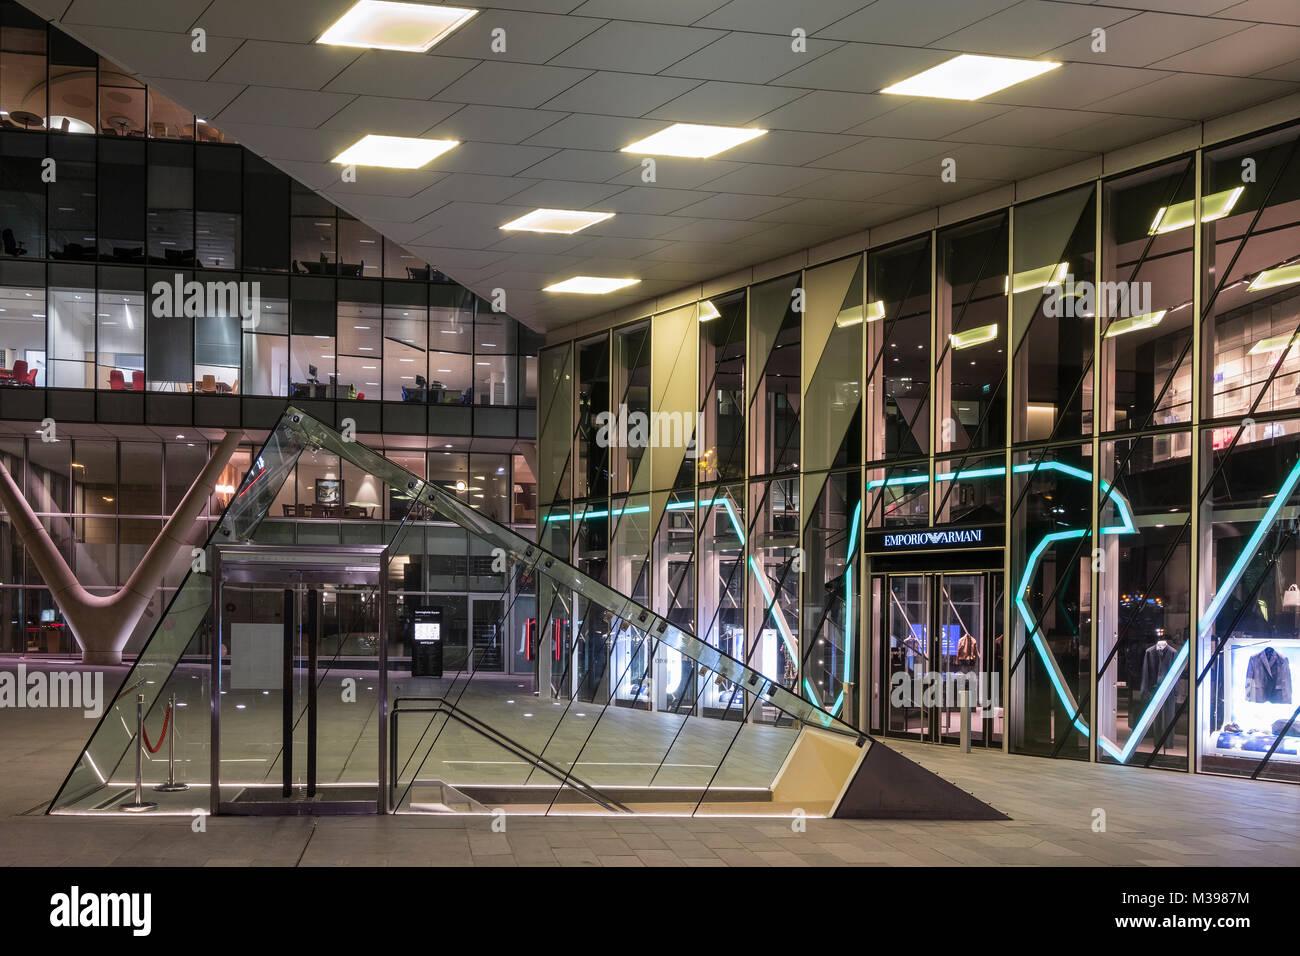 La moderna architettura di Deansgate, Manchester, Greater Manchester, Inghilterra, Regno Unito Immagini Stock